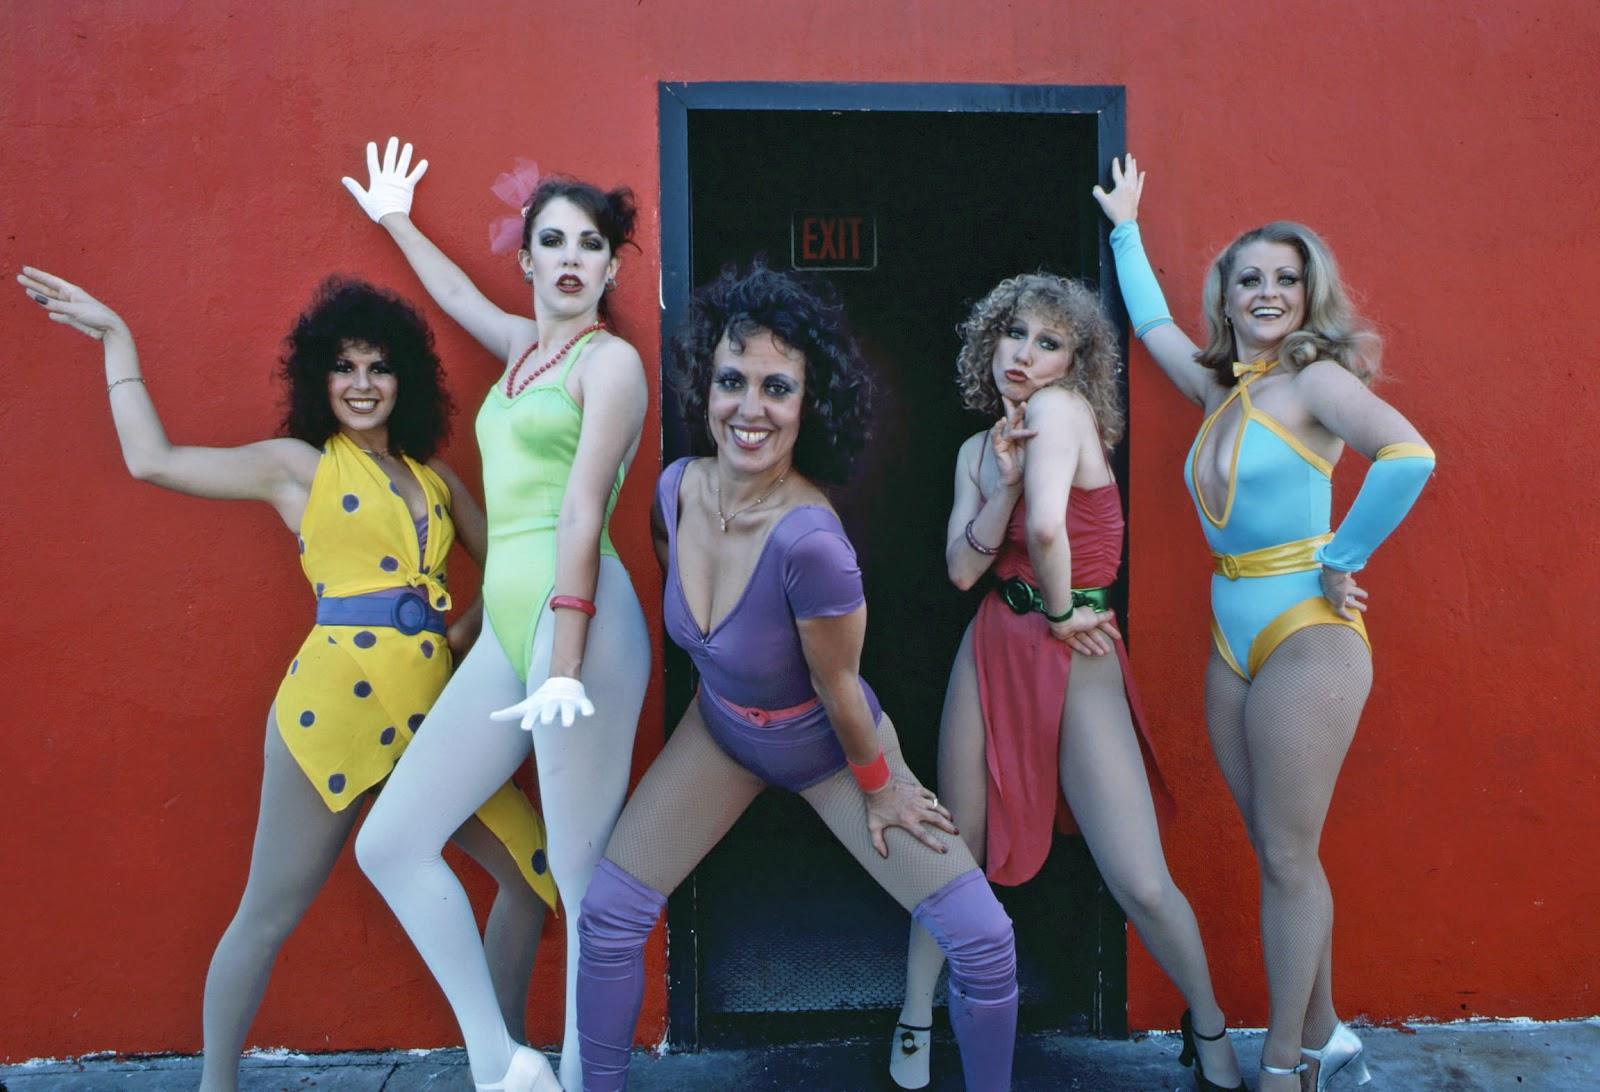 Fashion of the disco era 21